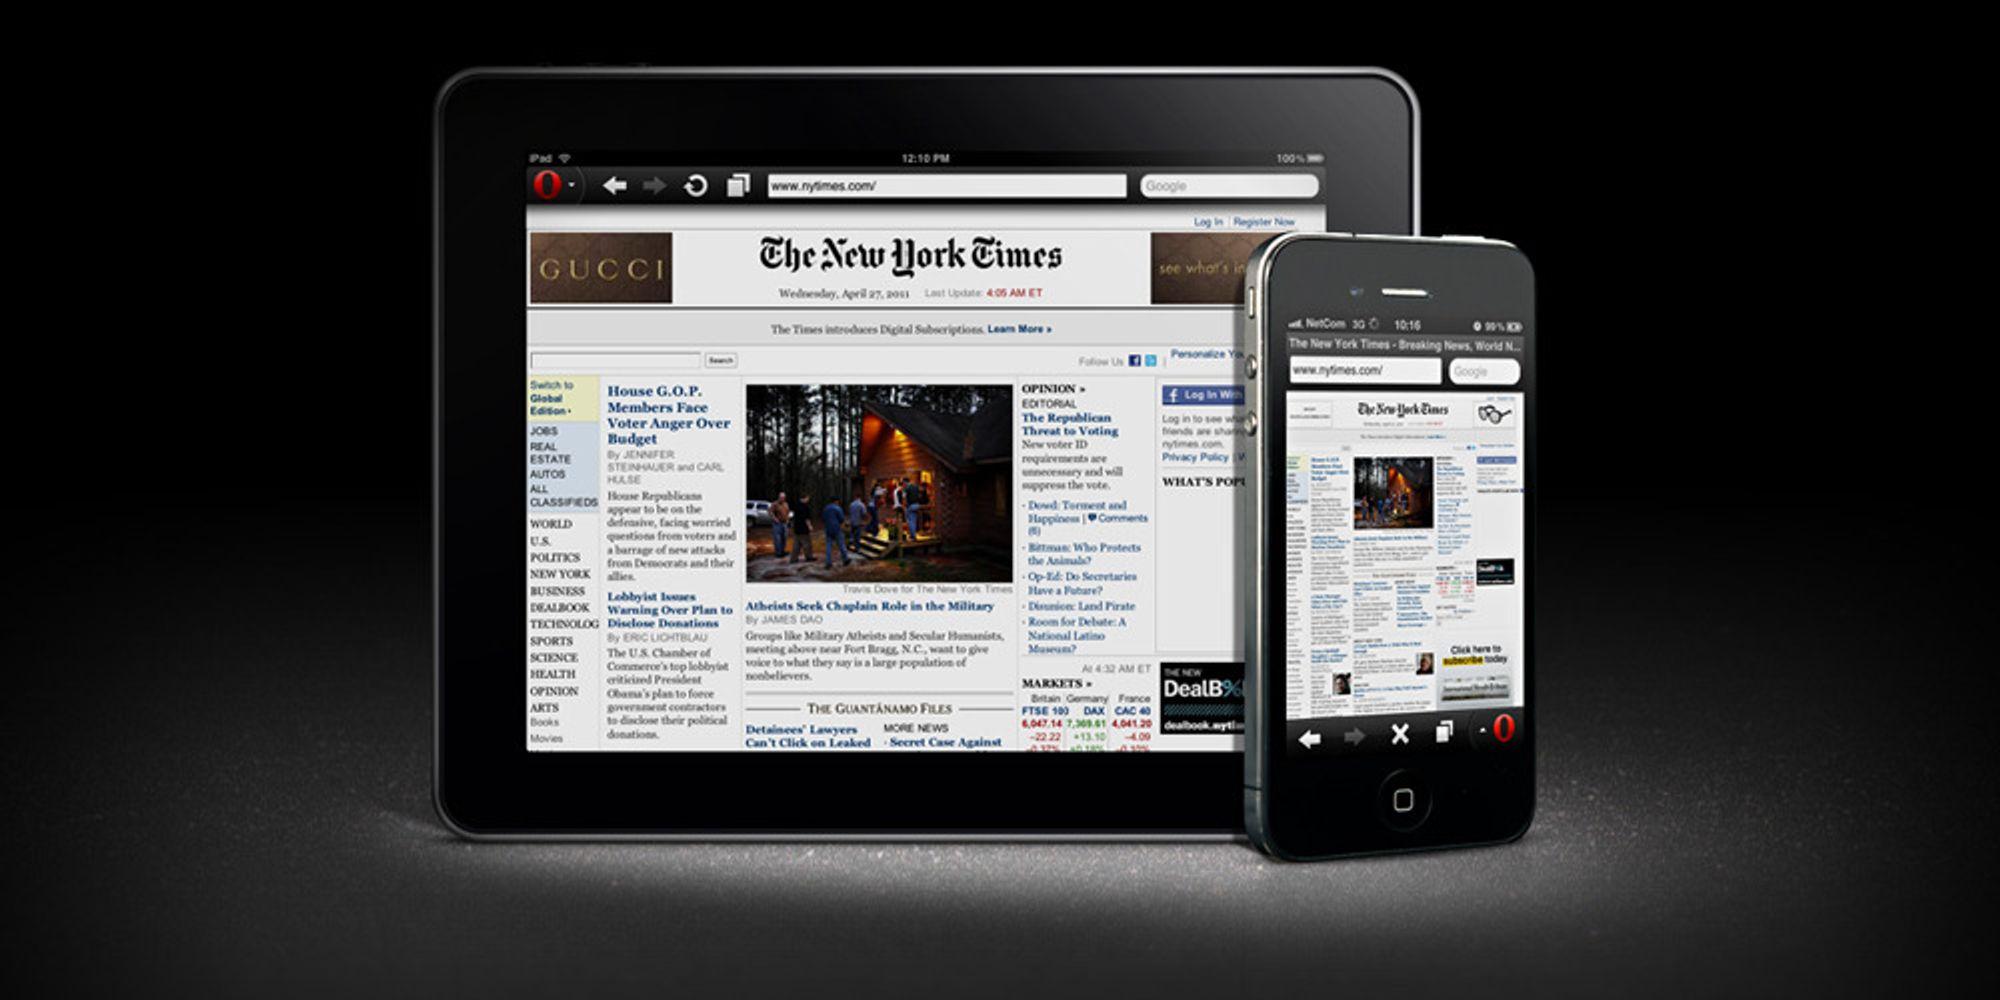 Nå får du Opera Mini 6 til iPhone